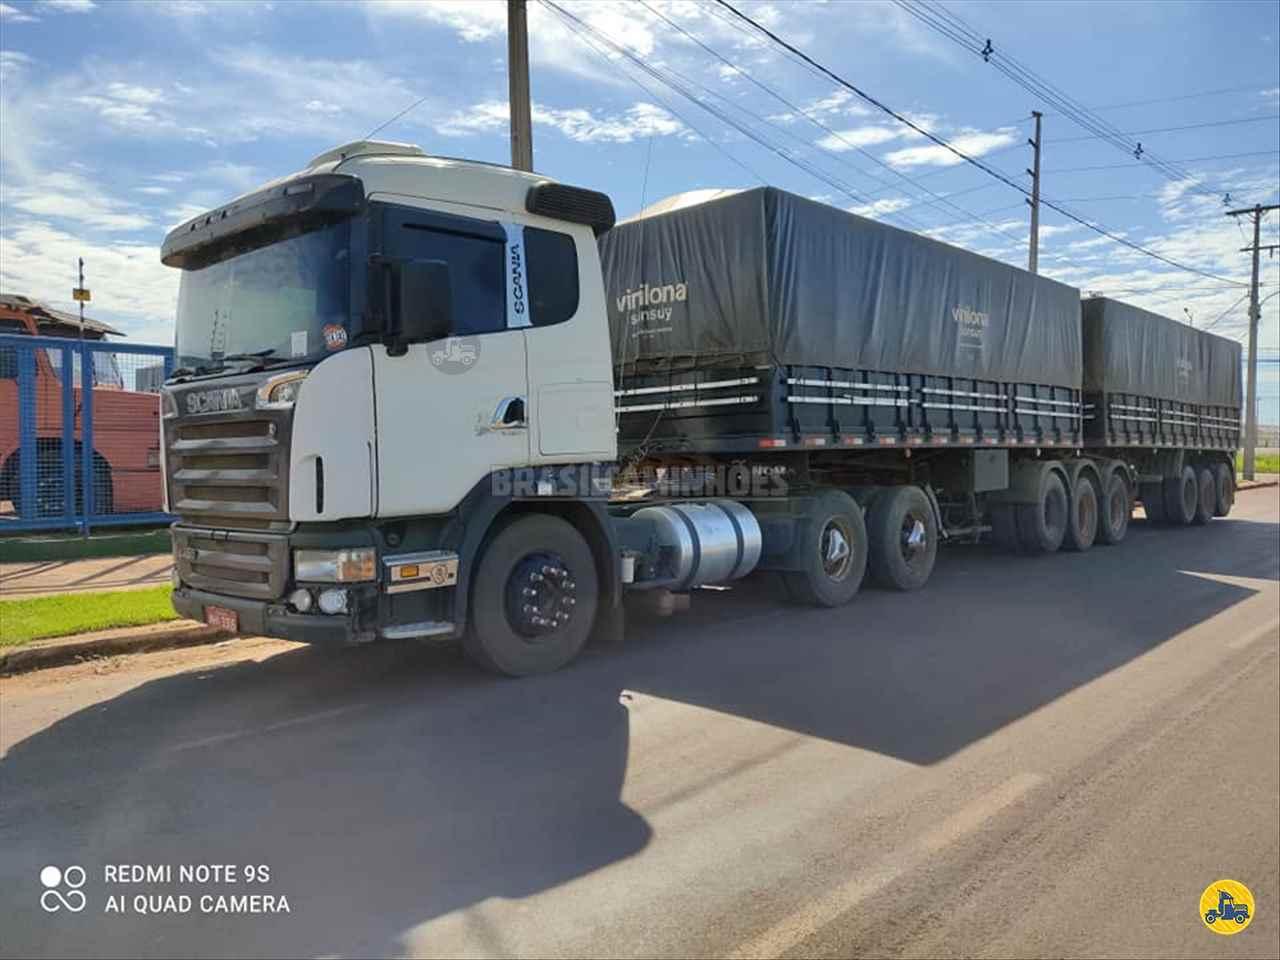 CAMINHAO SCANIA SCANIA 124 420 Carga Seca Traçado 6x4 Brasil Caminhões Sinop SINOP MATO GROSSO MT